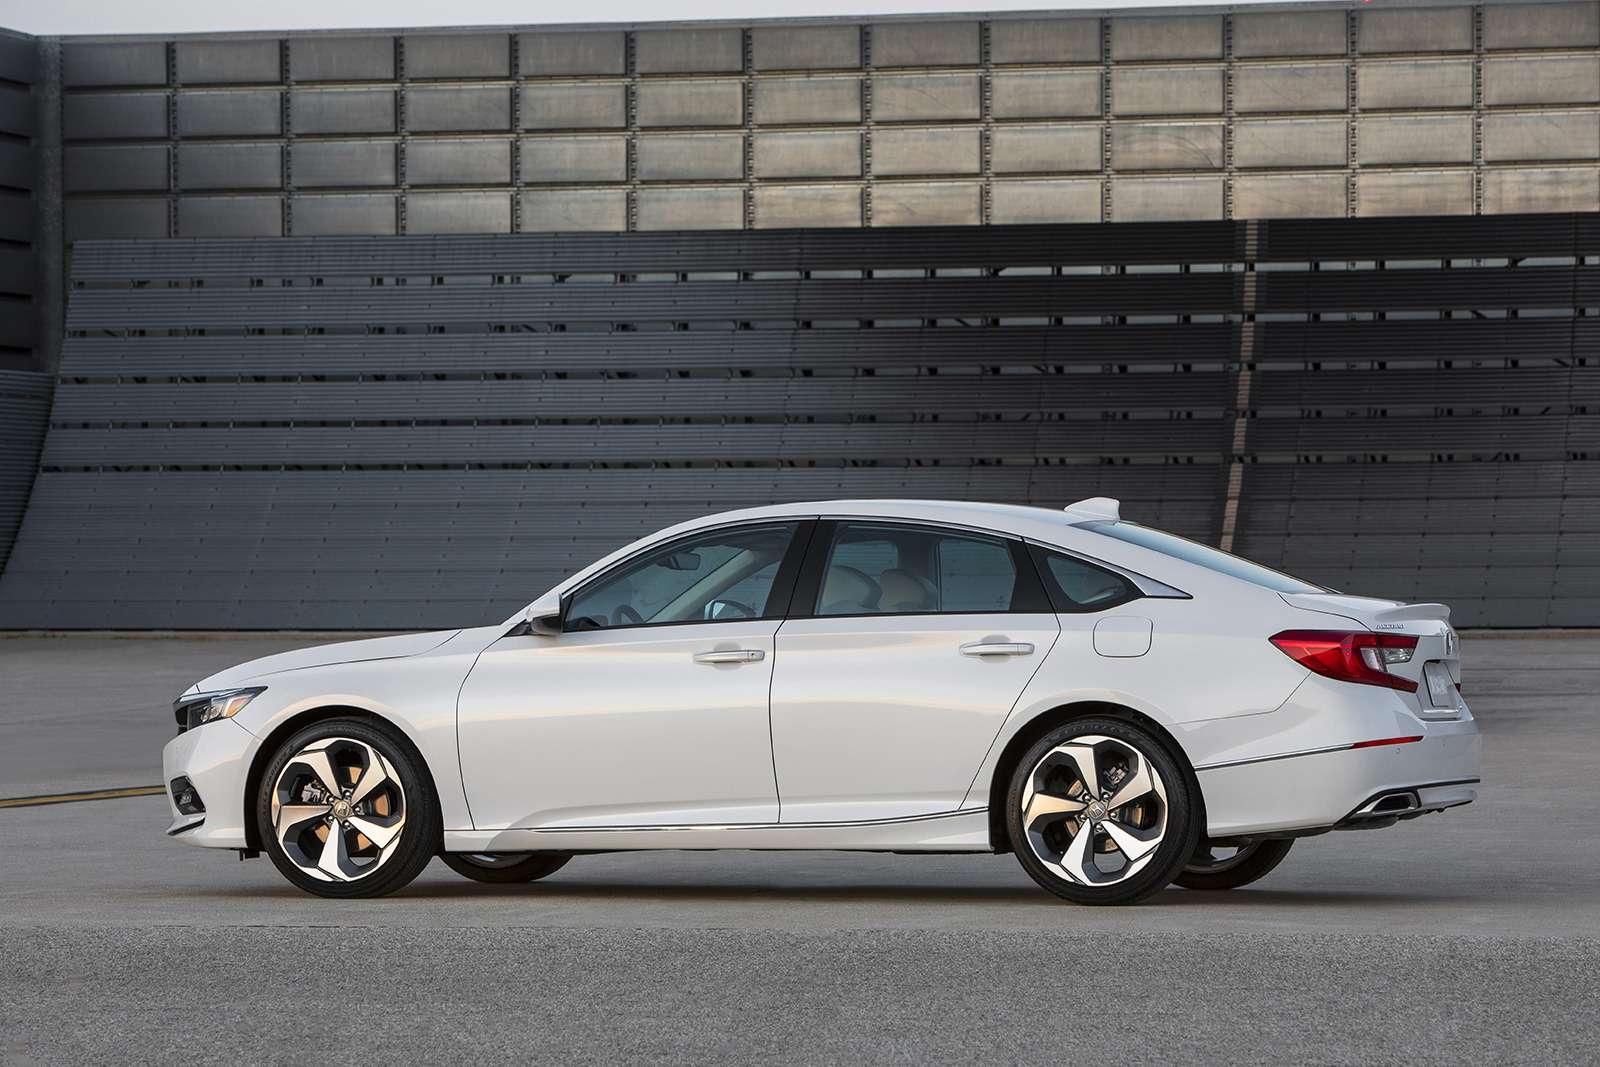 Honda показала конкурента Тойоты Камри. Появится ли онунас?— фото 774919